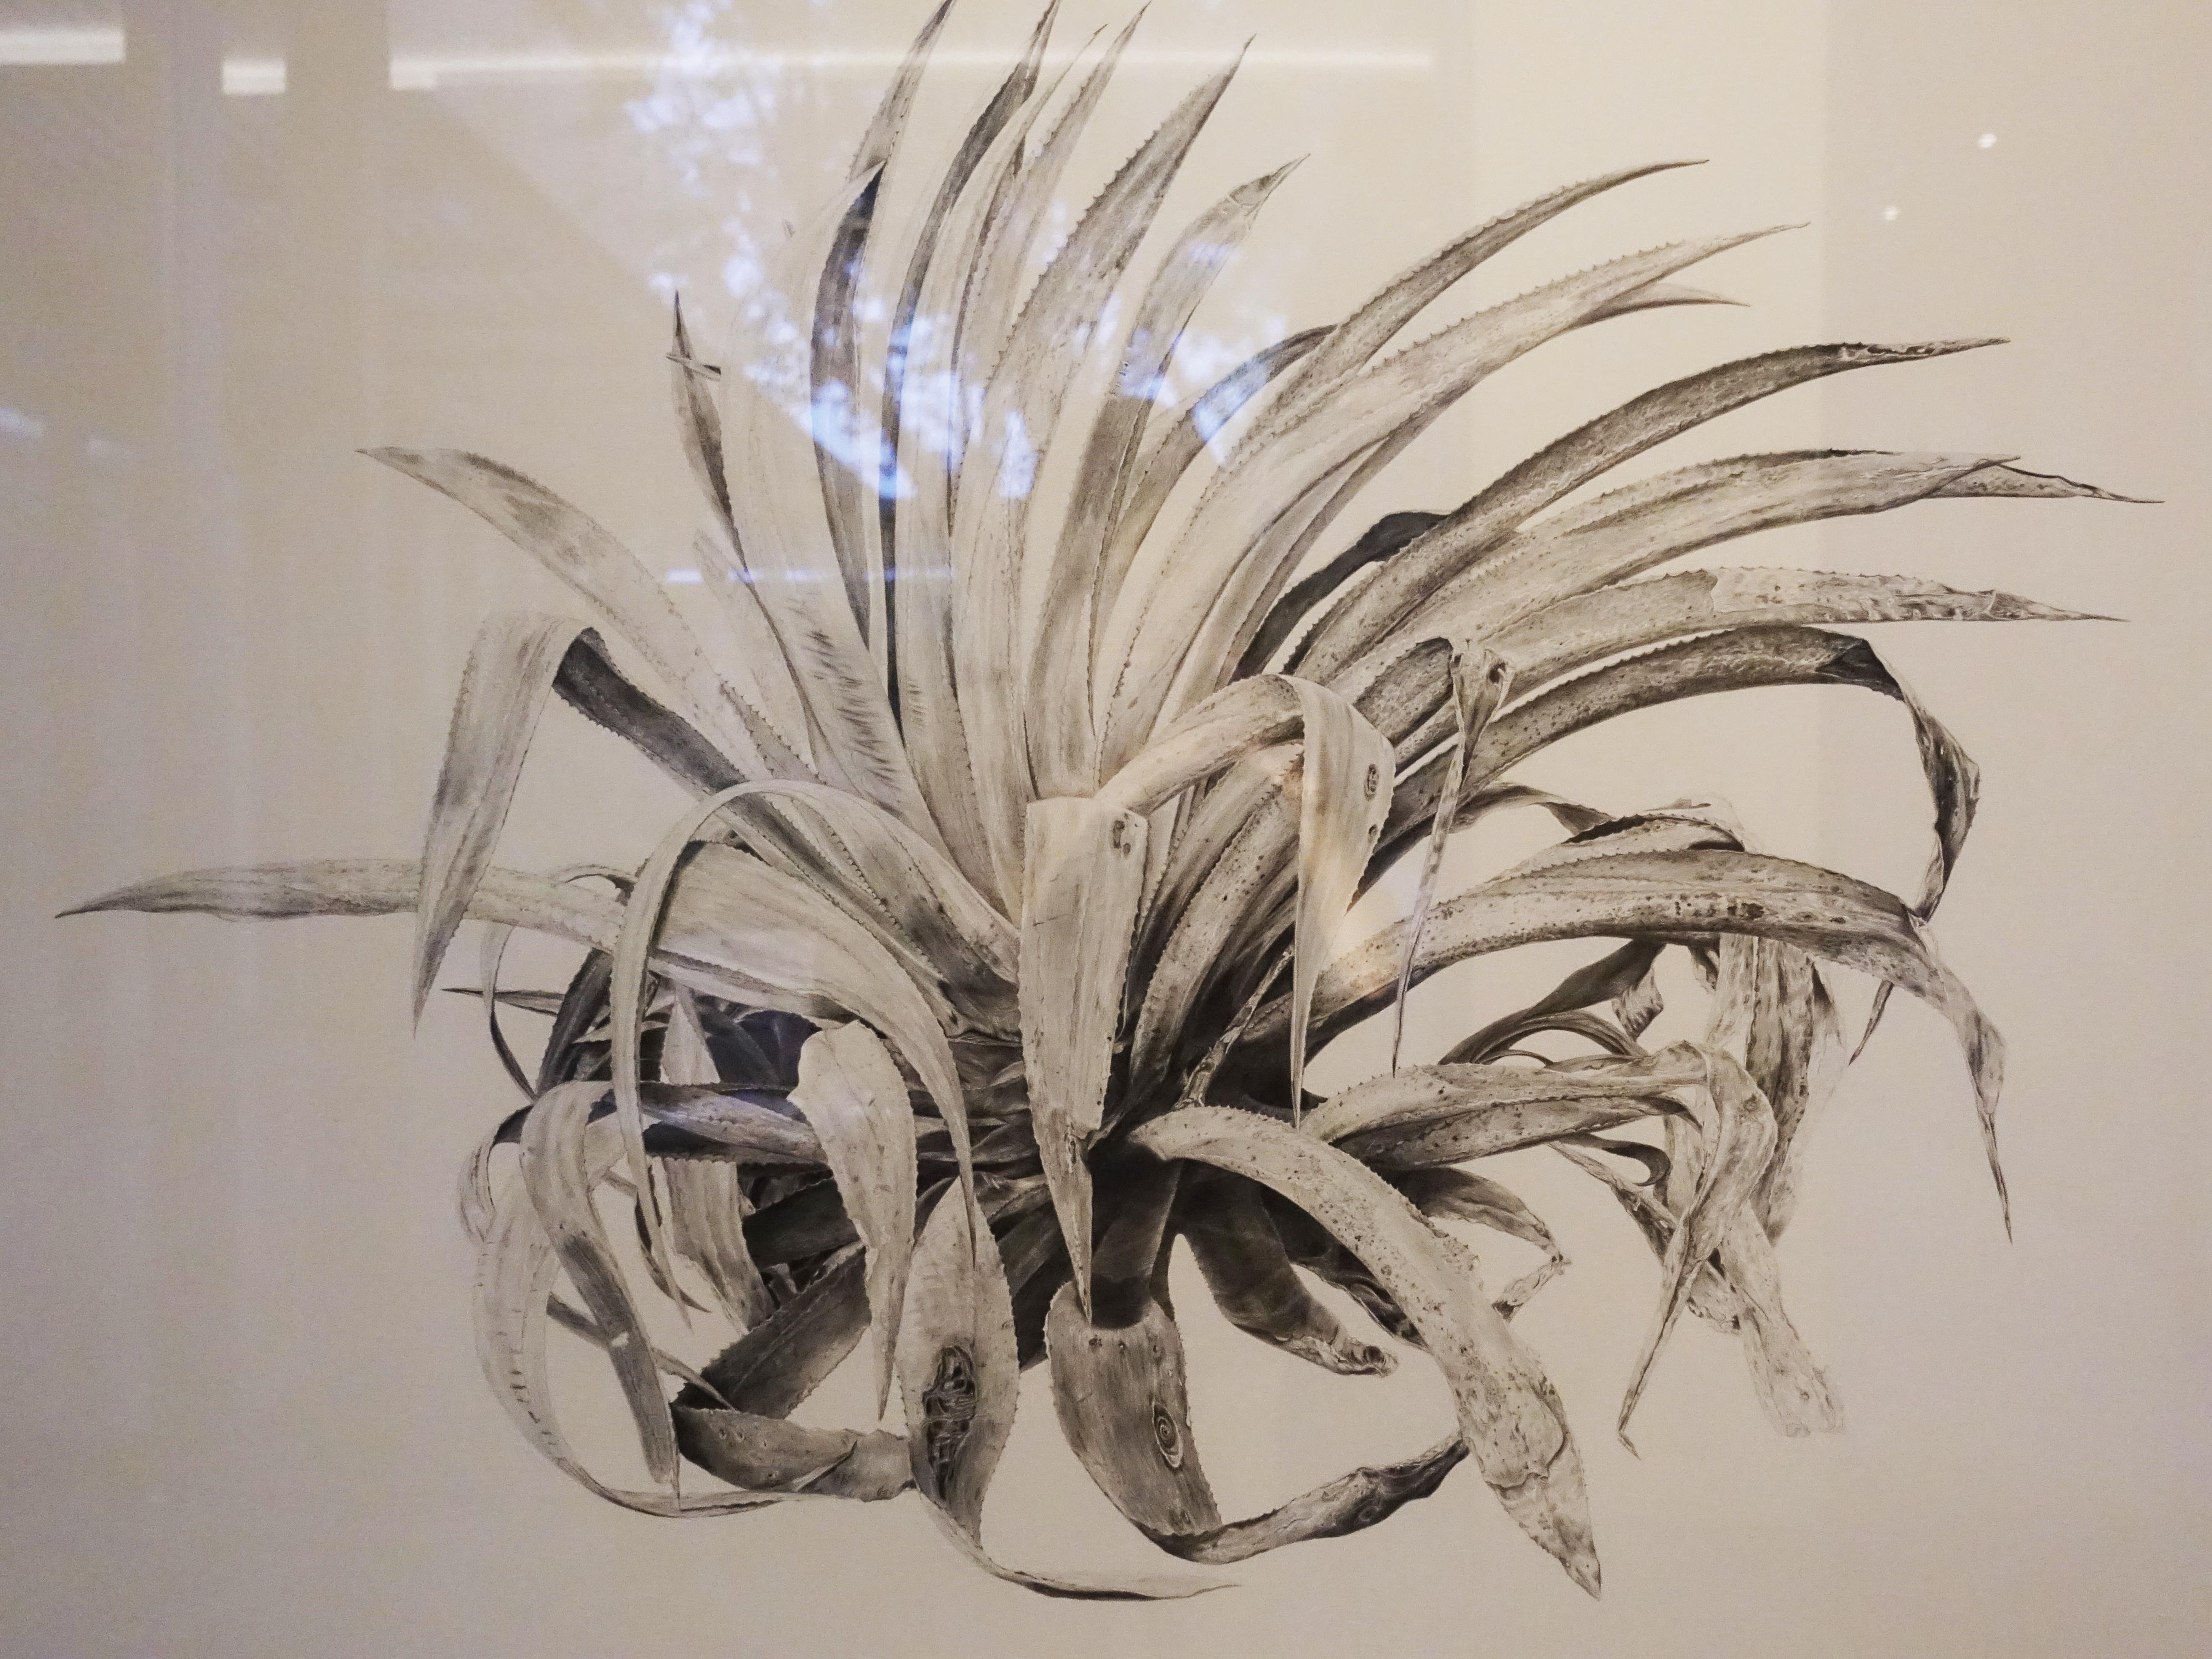 劉芸怡,《一座邊界島嶼的防禦圖鑑VI》細節,150 X 100 cm,鉛筆、紙,2019。